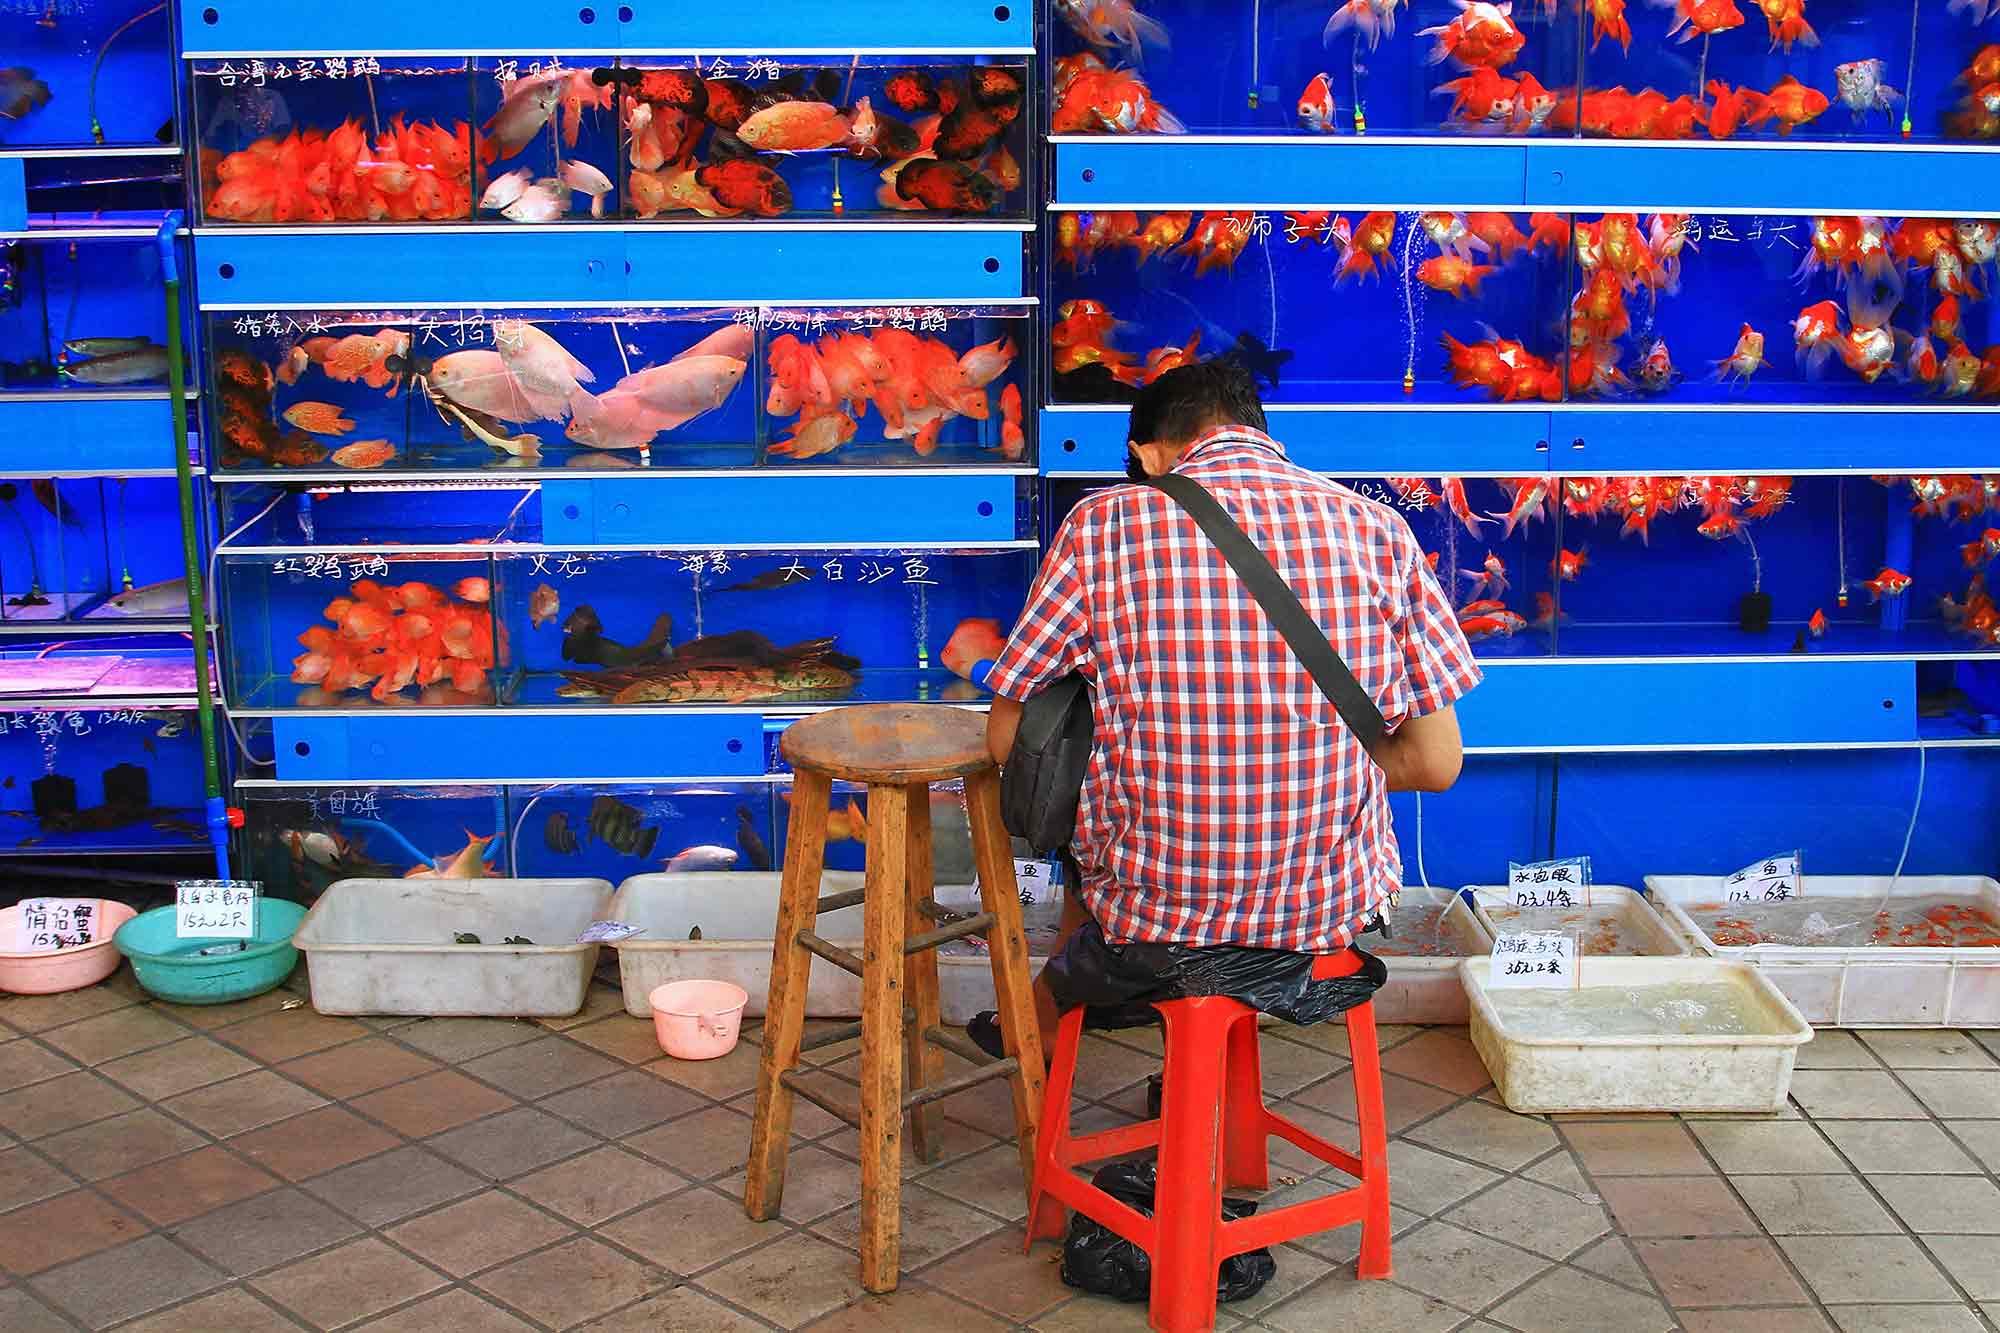 Goldfish at an animal market in Guangzhou, China. © Ulli Maier & Nisa Maier